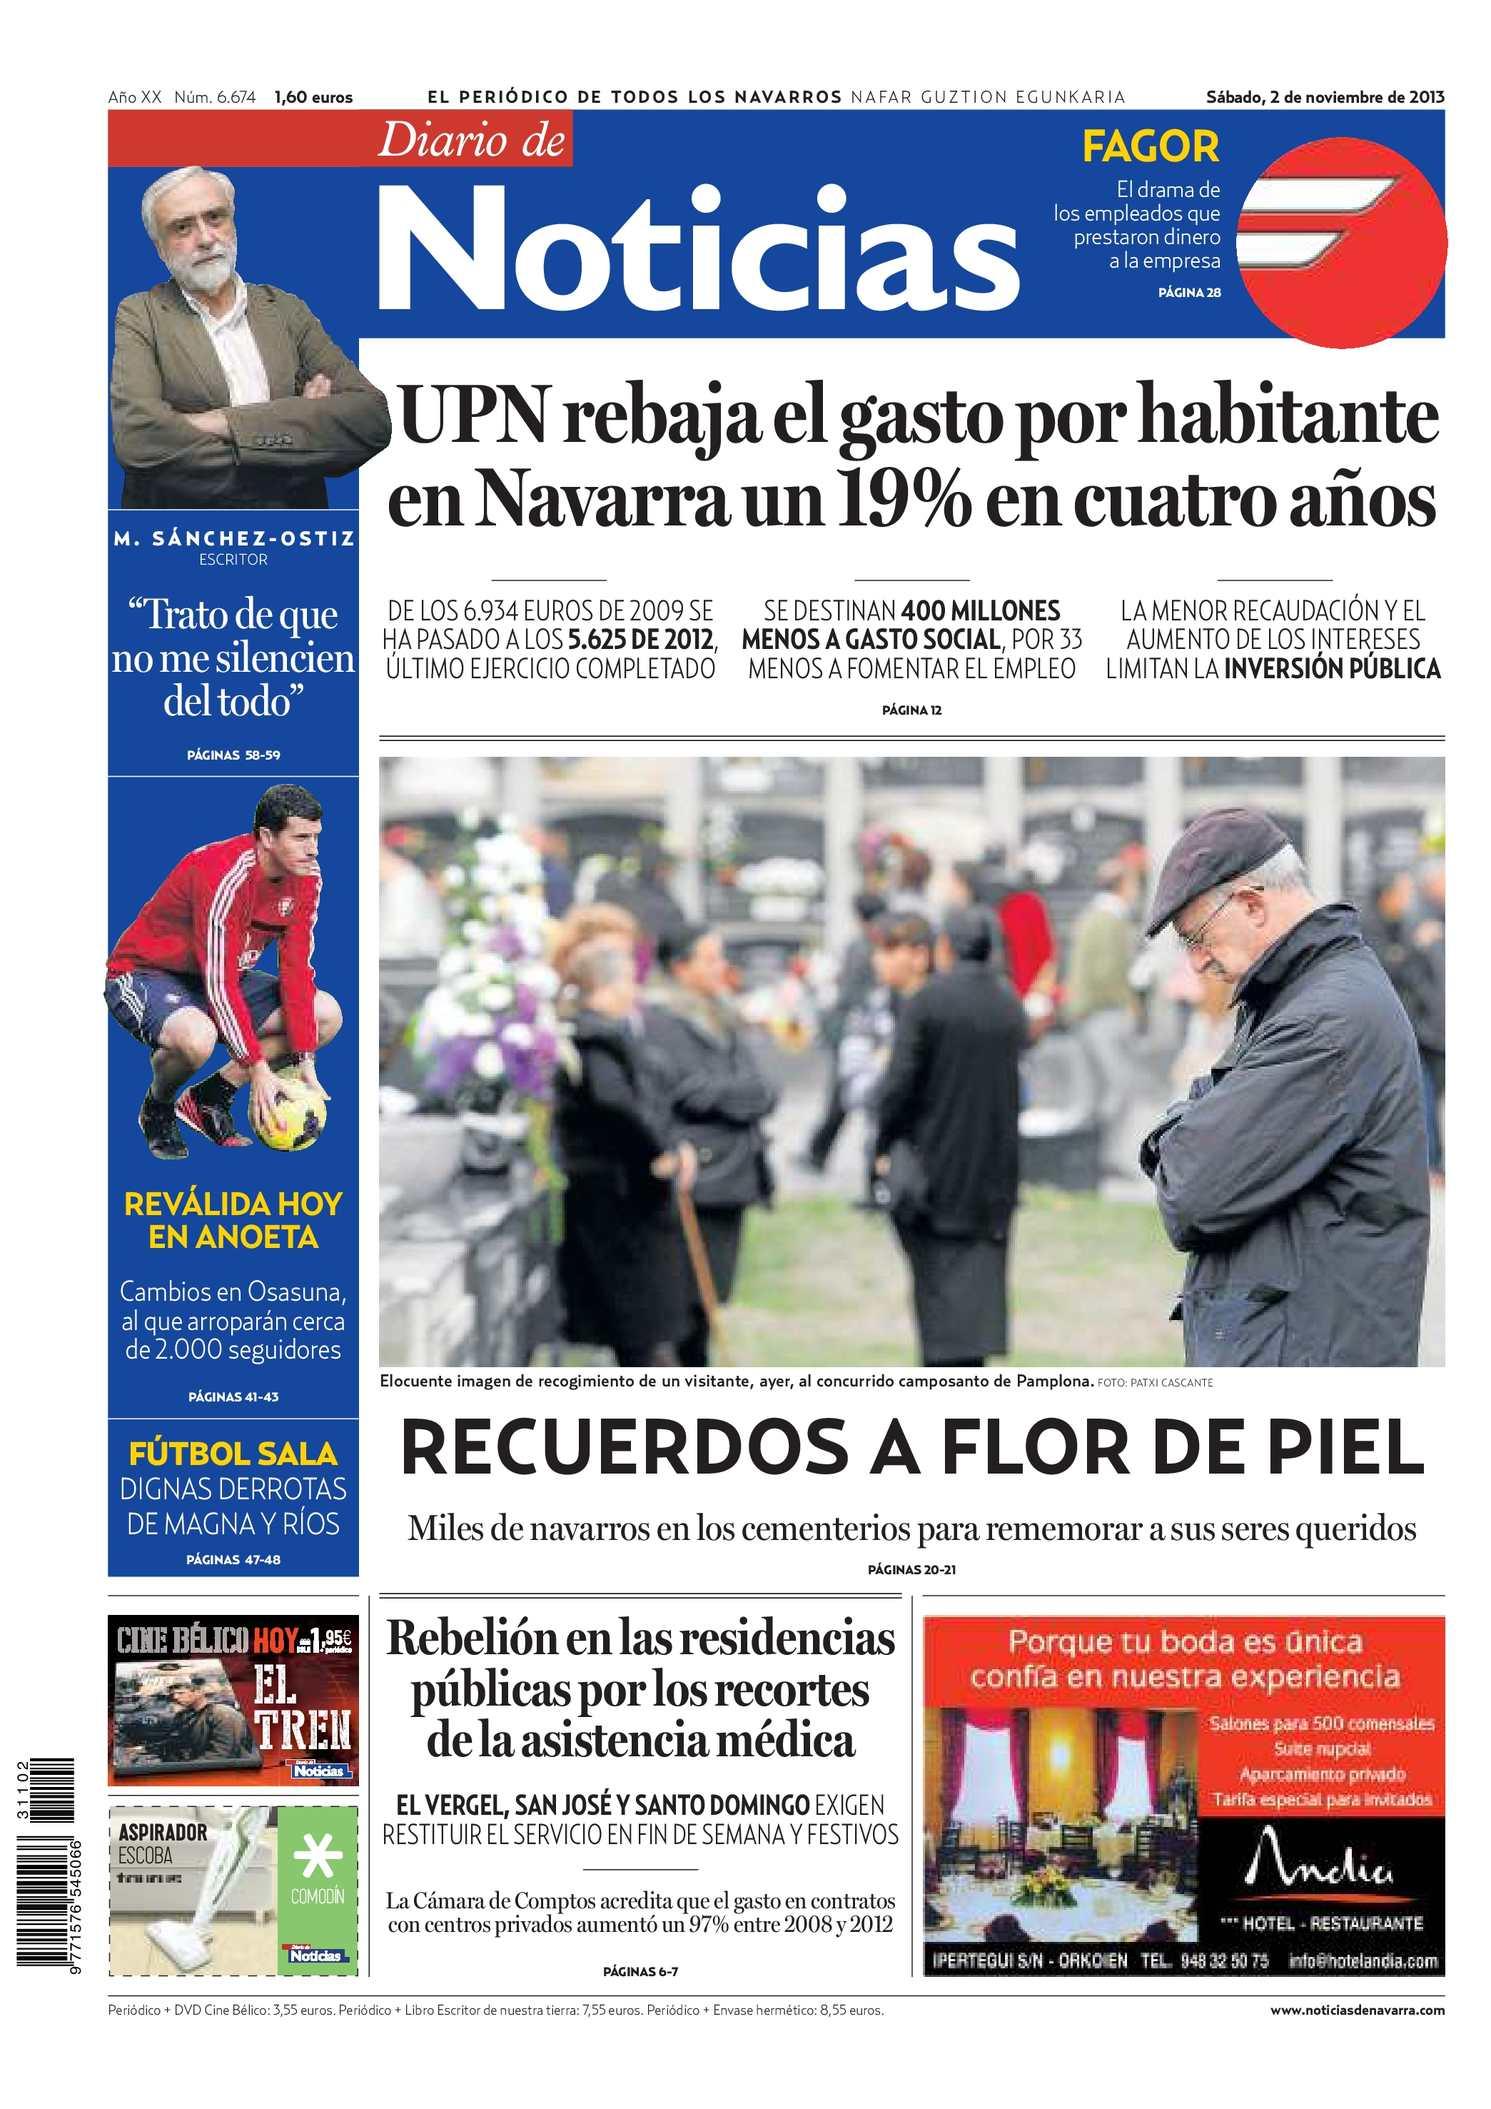 20131102 Calaméo Calaméo Diario Noticias 20131102 De Diario Noticias De LpjSGzqUMV